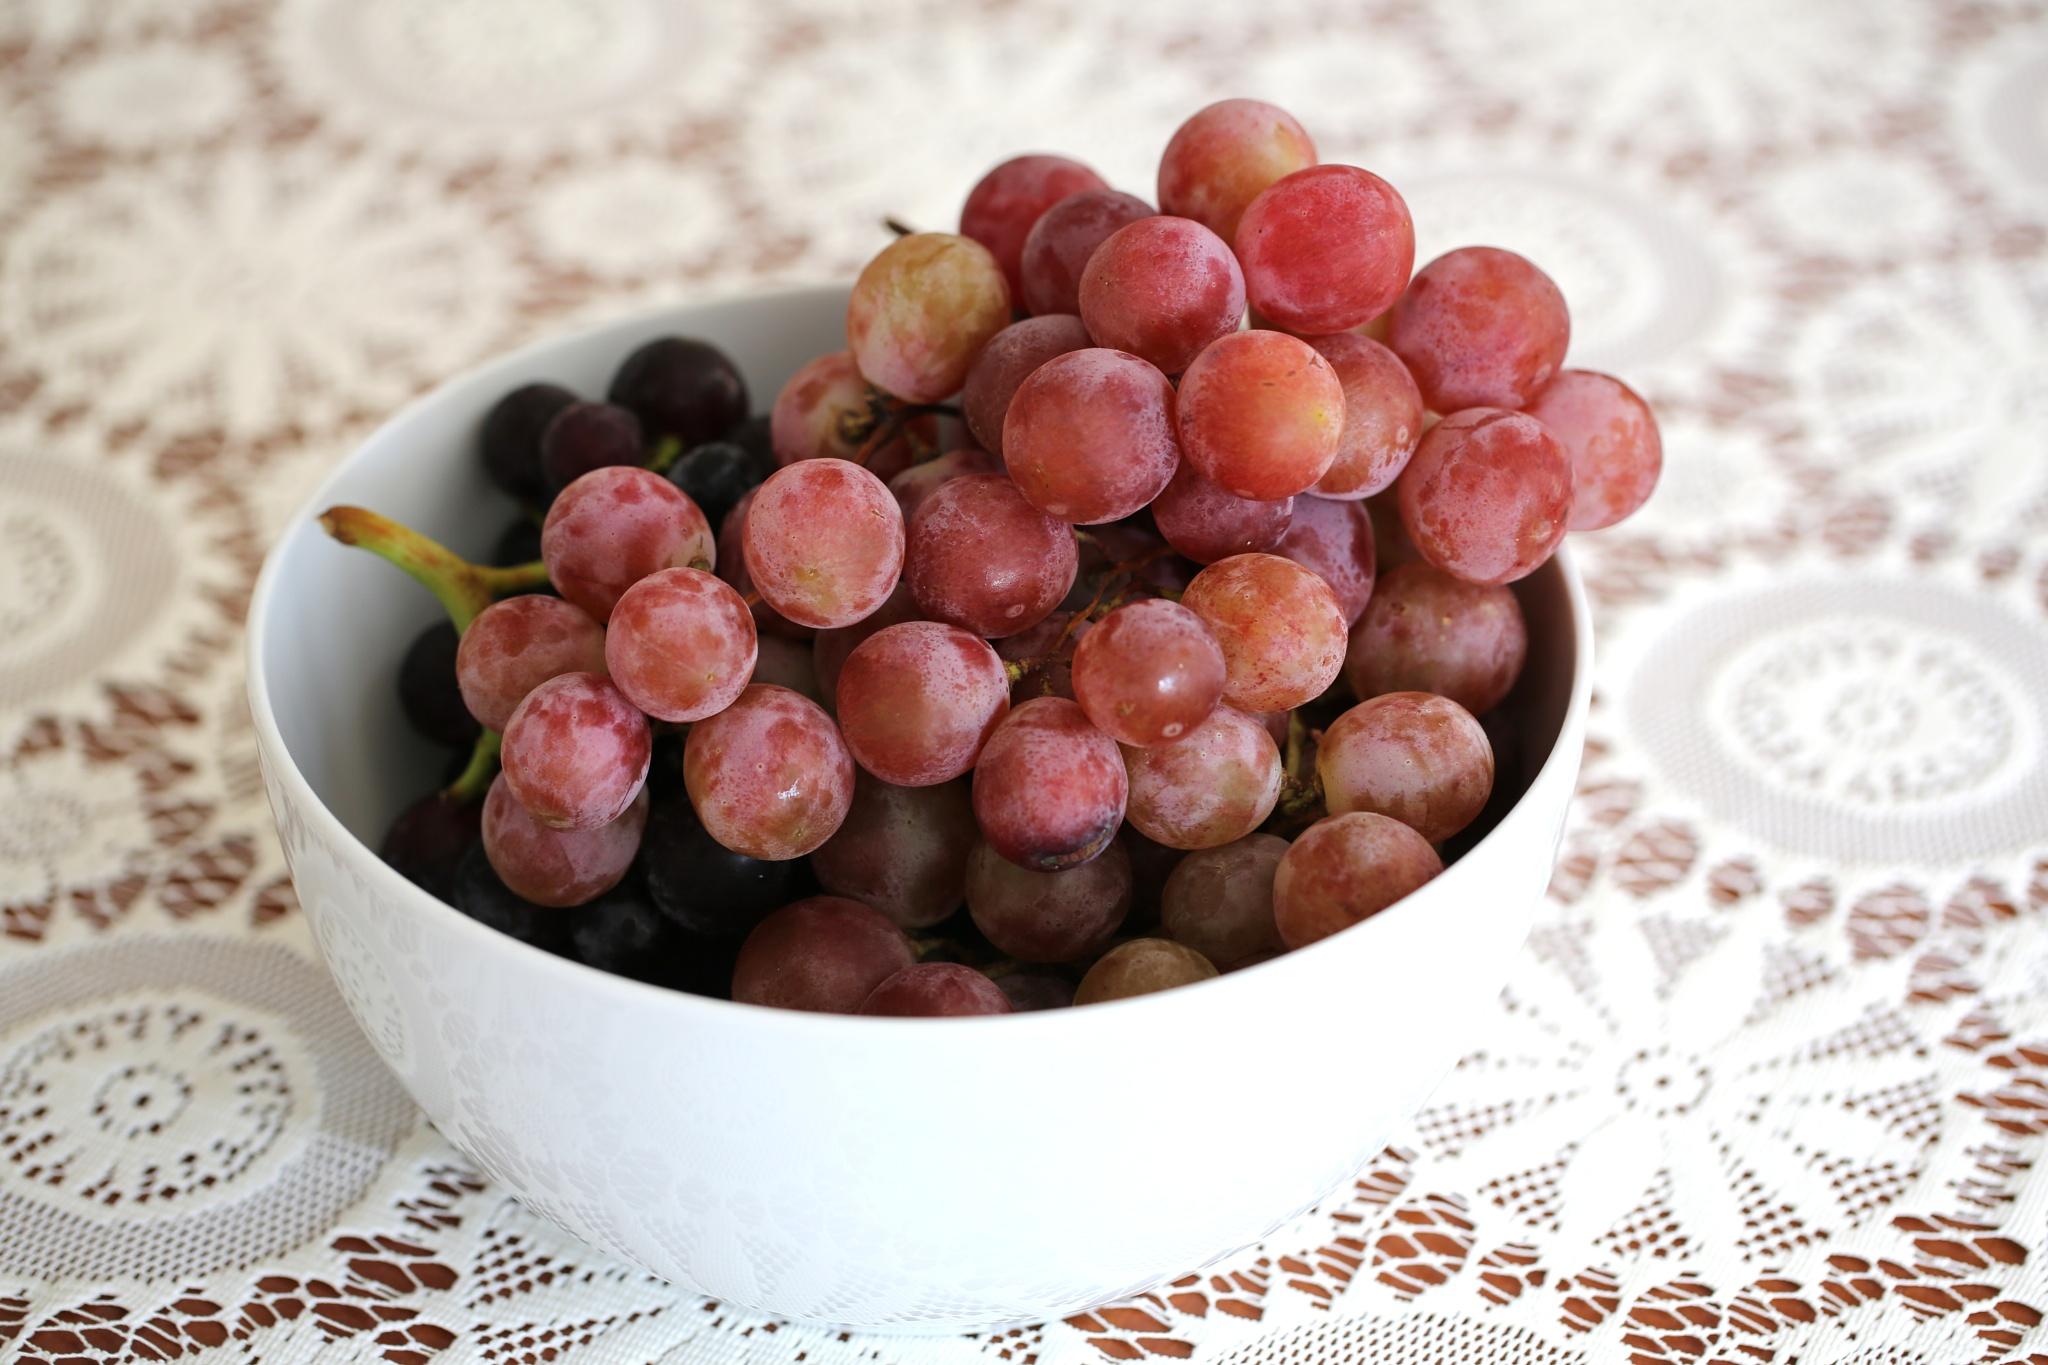 Red Grape by Atila_Yumusakkaya